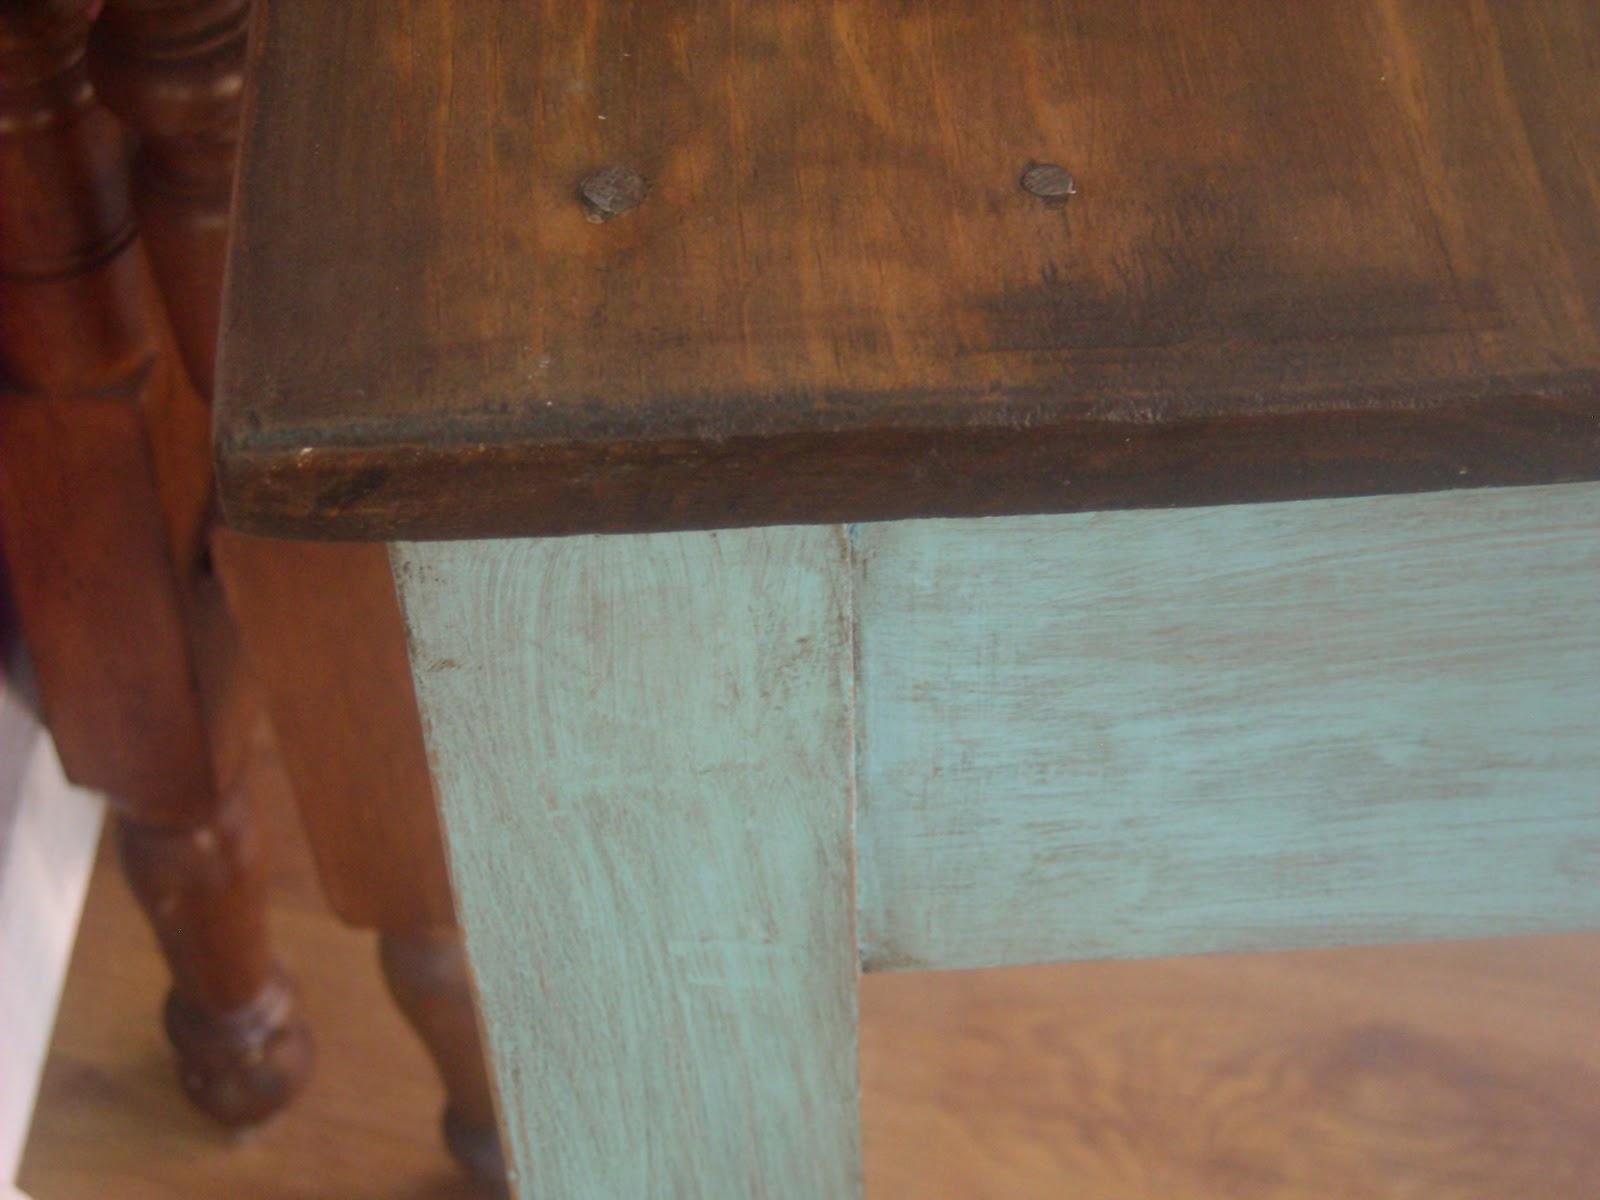 Muebles Decapados De Colores Good Muebles Decapados En Colores  # Muebles Efecto Desgastado